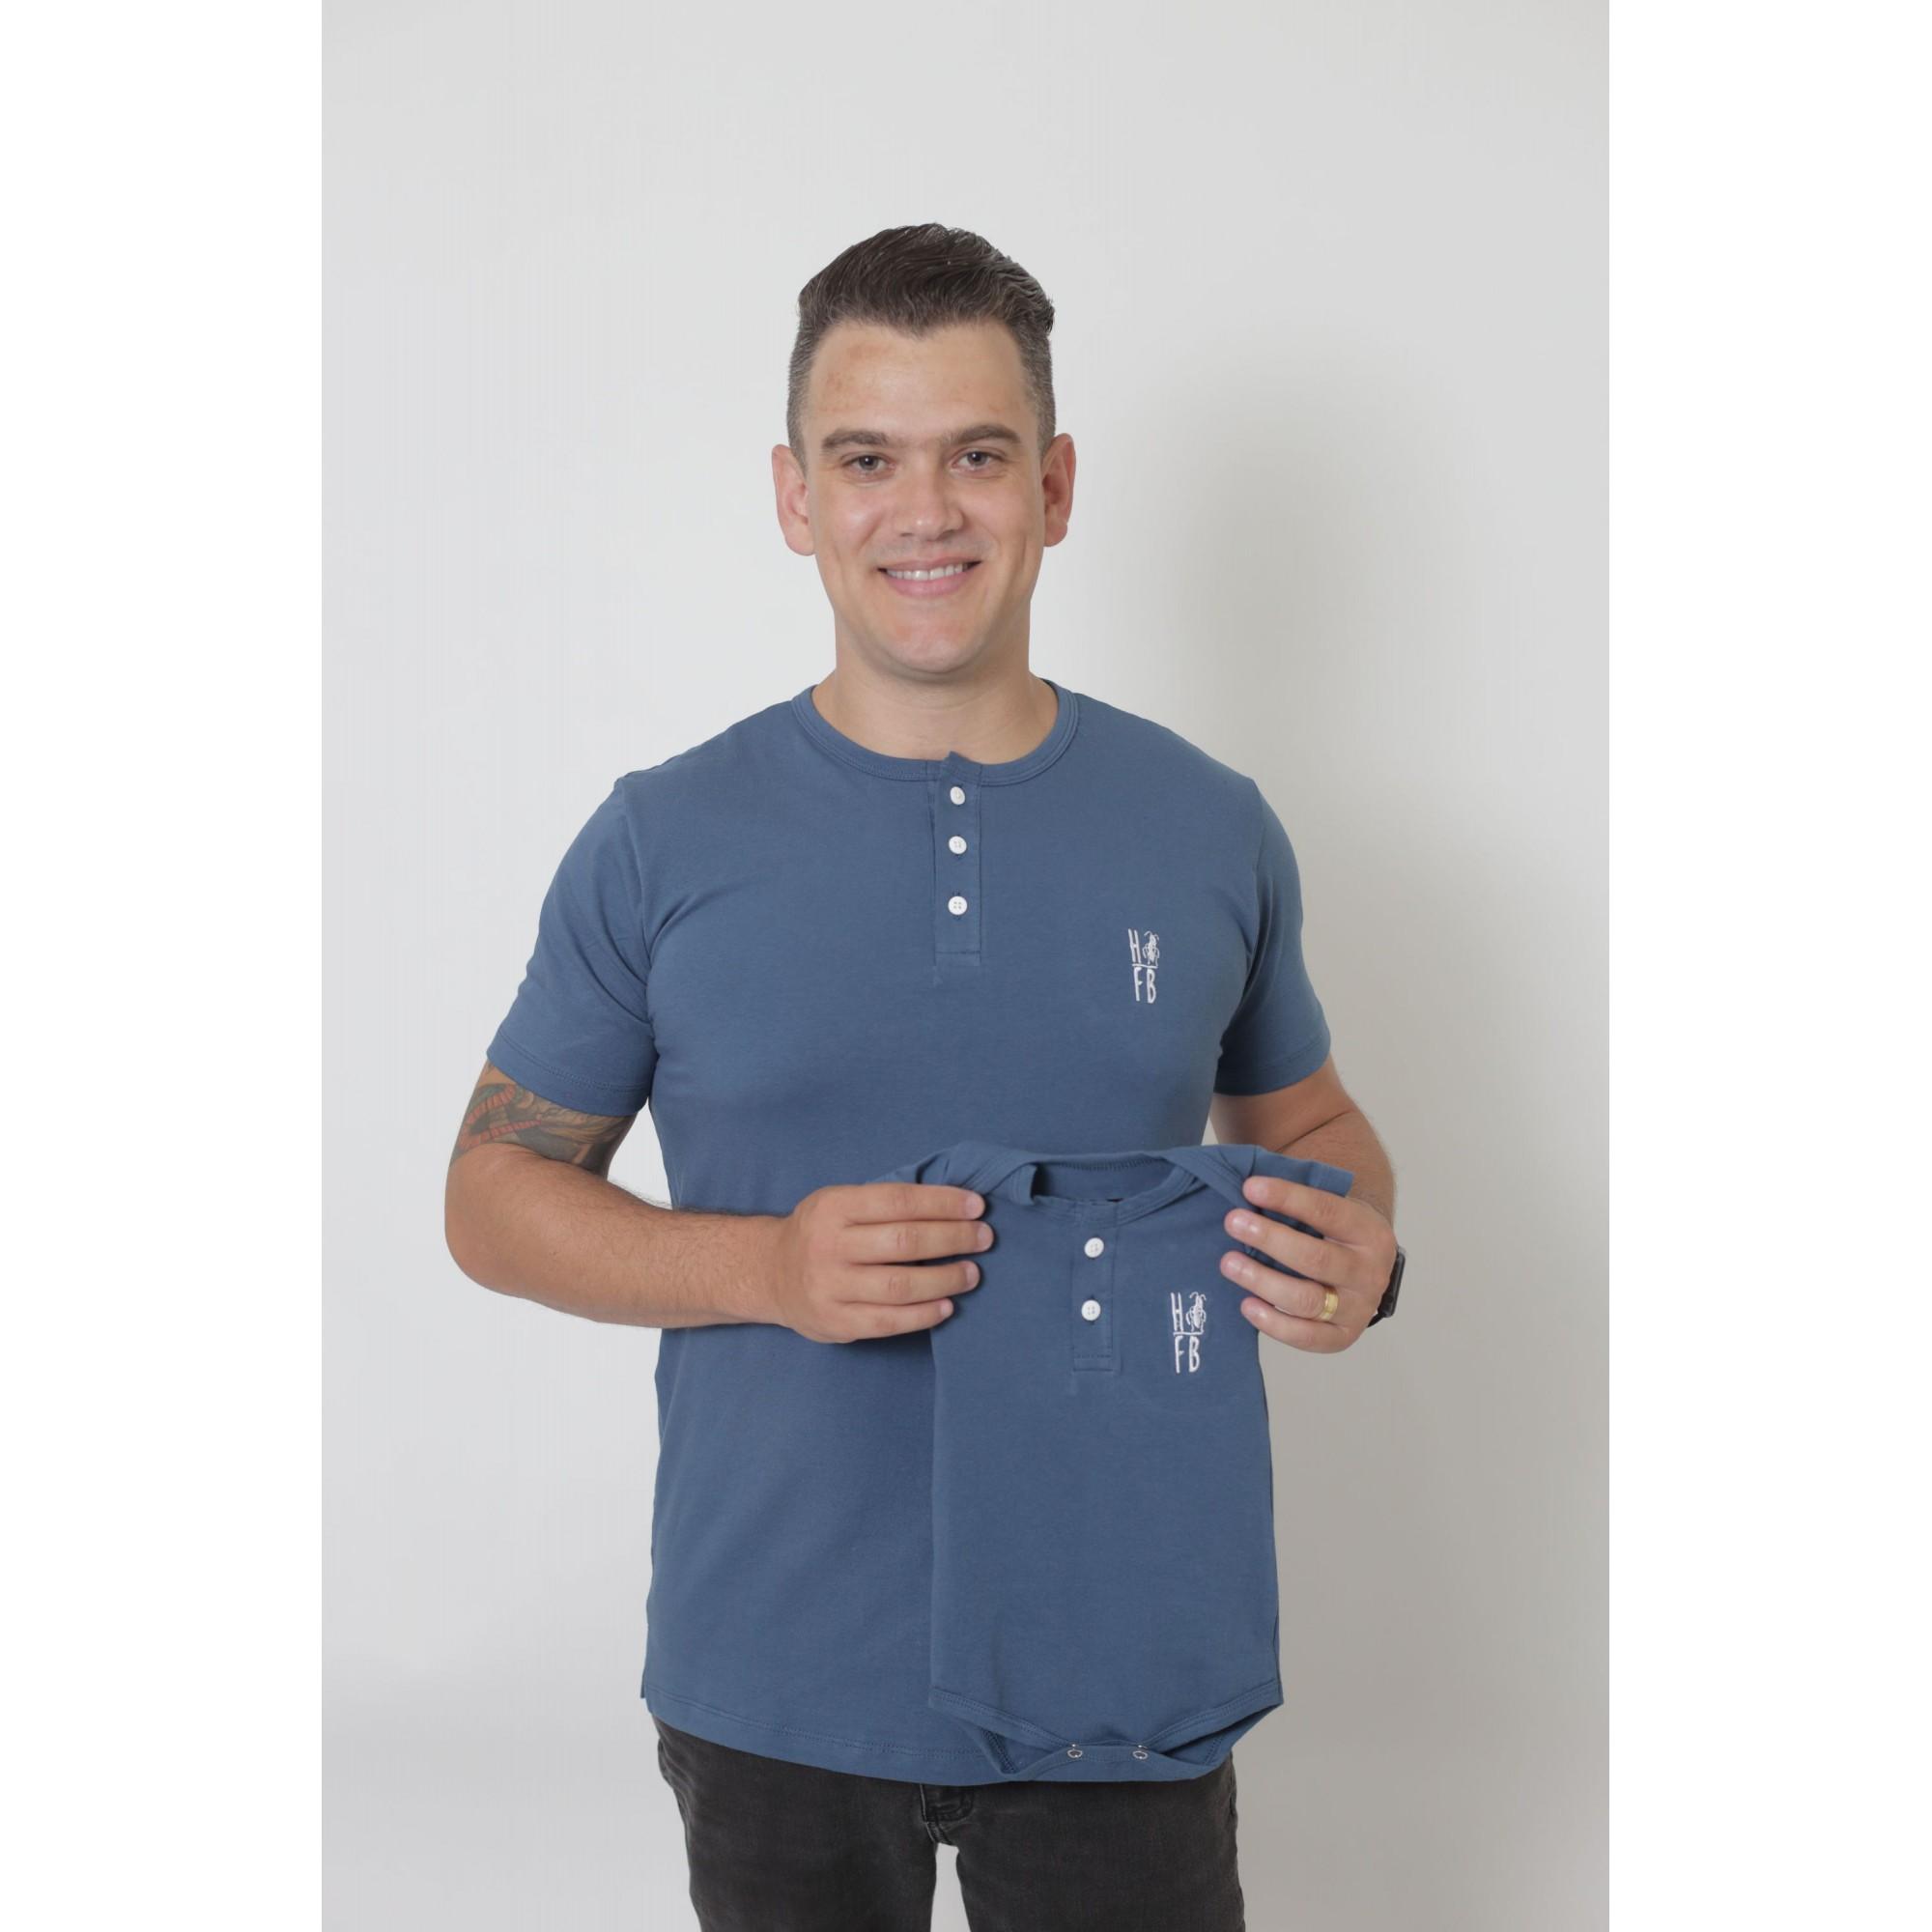 PAIS E FILHOS > Kit 3 Peças - T-Shirts + Body Unissex Henley - Azul Petróleo [Coleção Família]  - Heitor Fashion Brazil